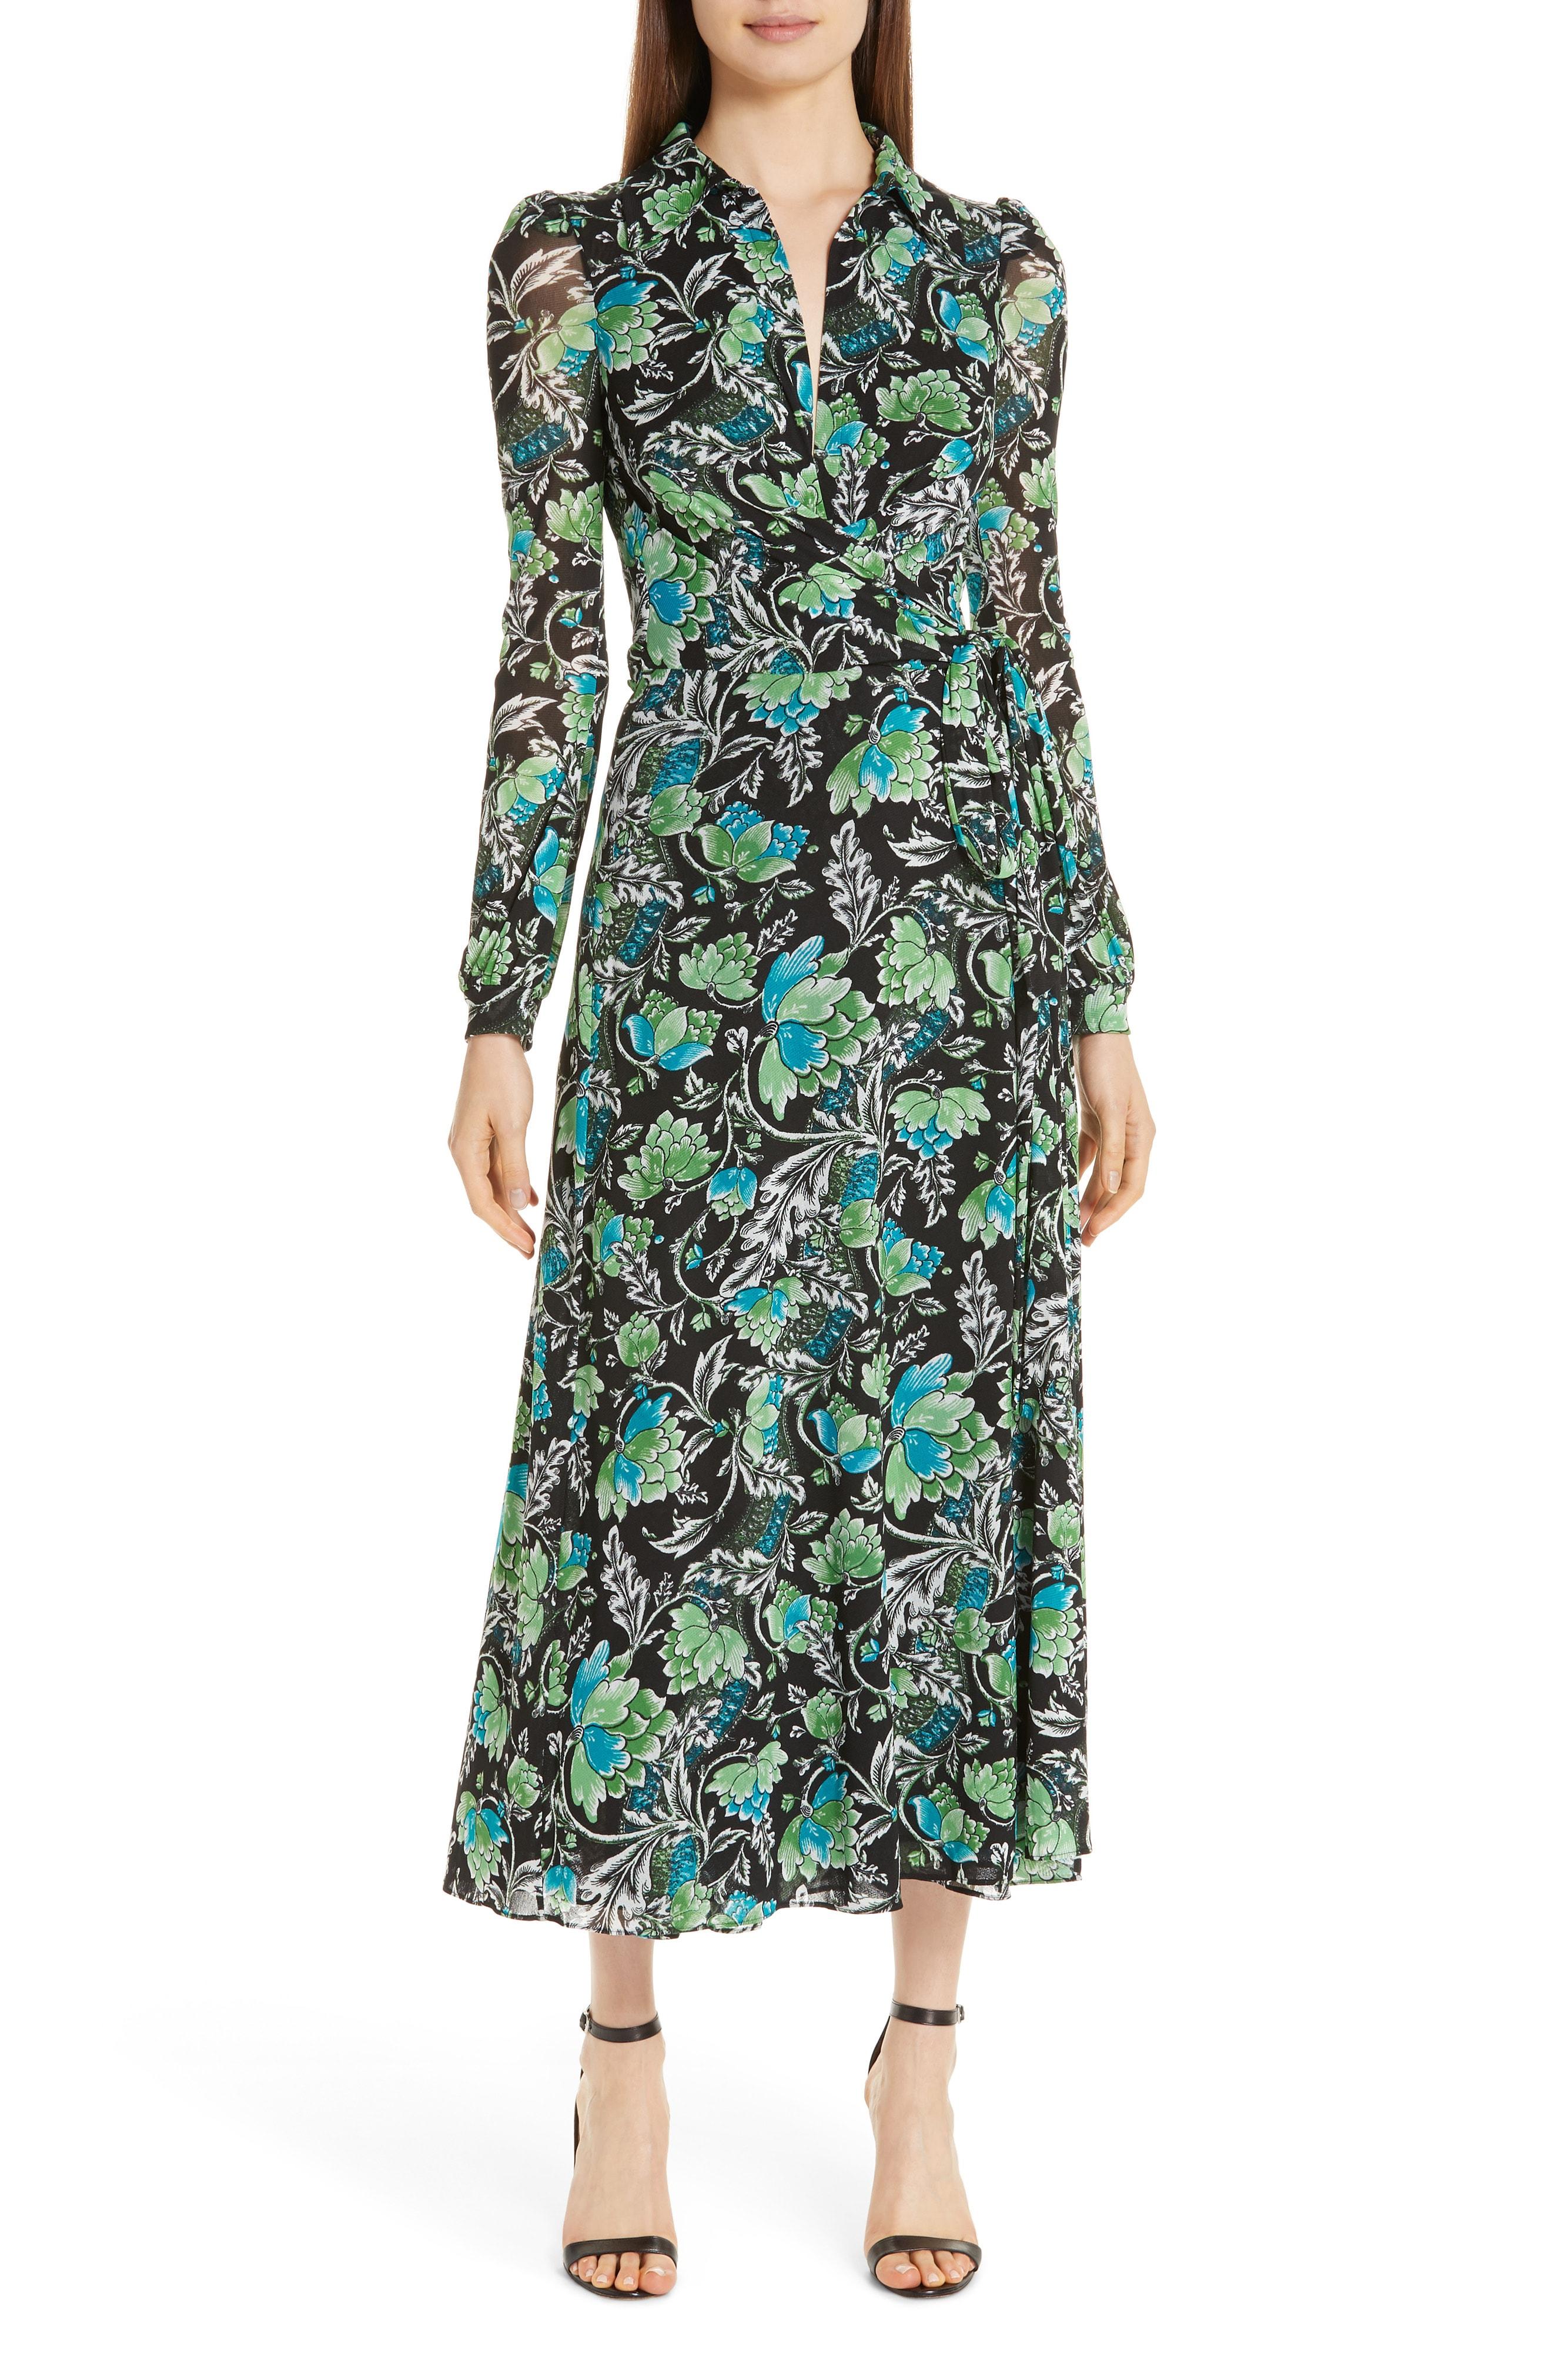 DVF by Diane von Furstenberg Women's Fashion | Nordstrom